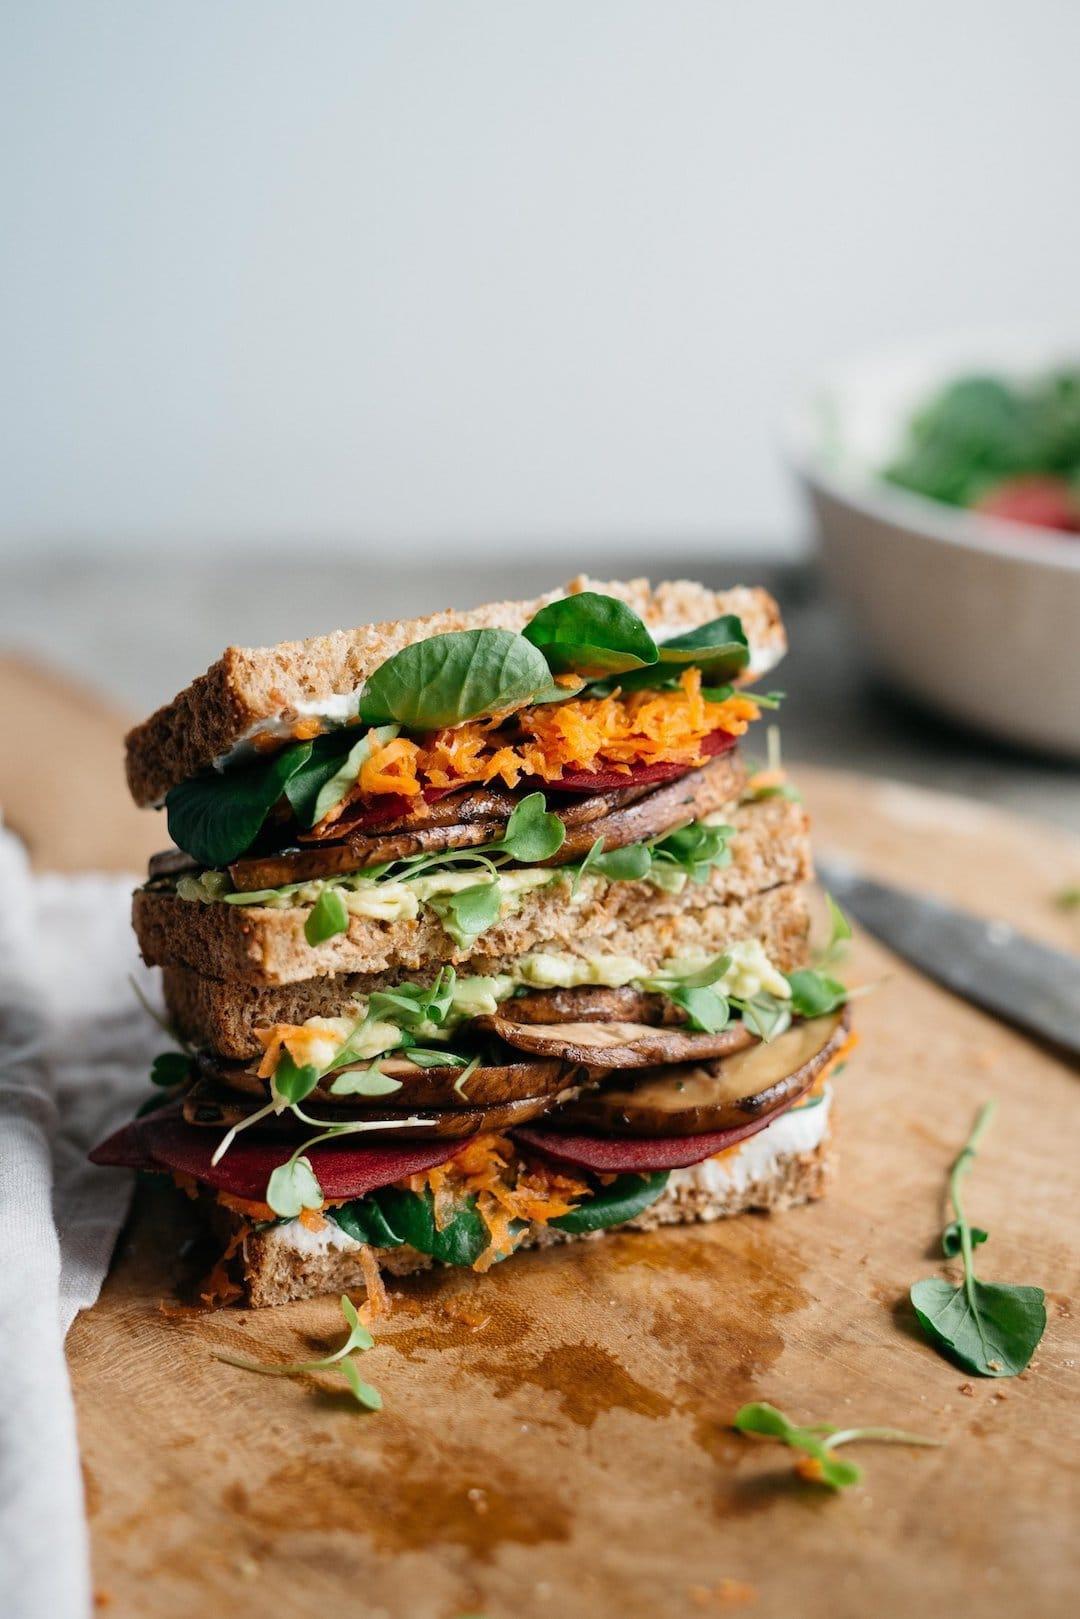 11 Yummy Plant Based Sandwiches - Avocado Club Sandwiches by Dolly & Oatmeal